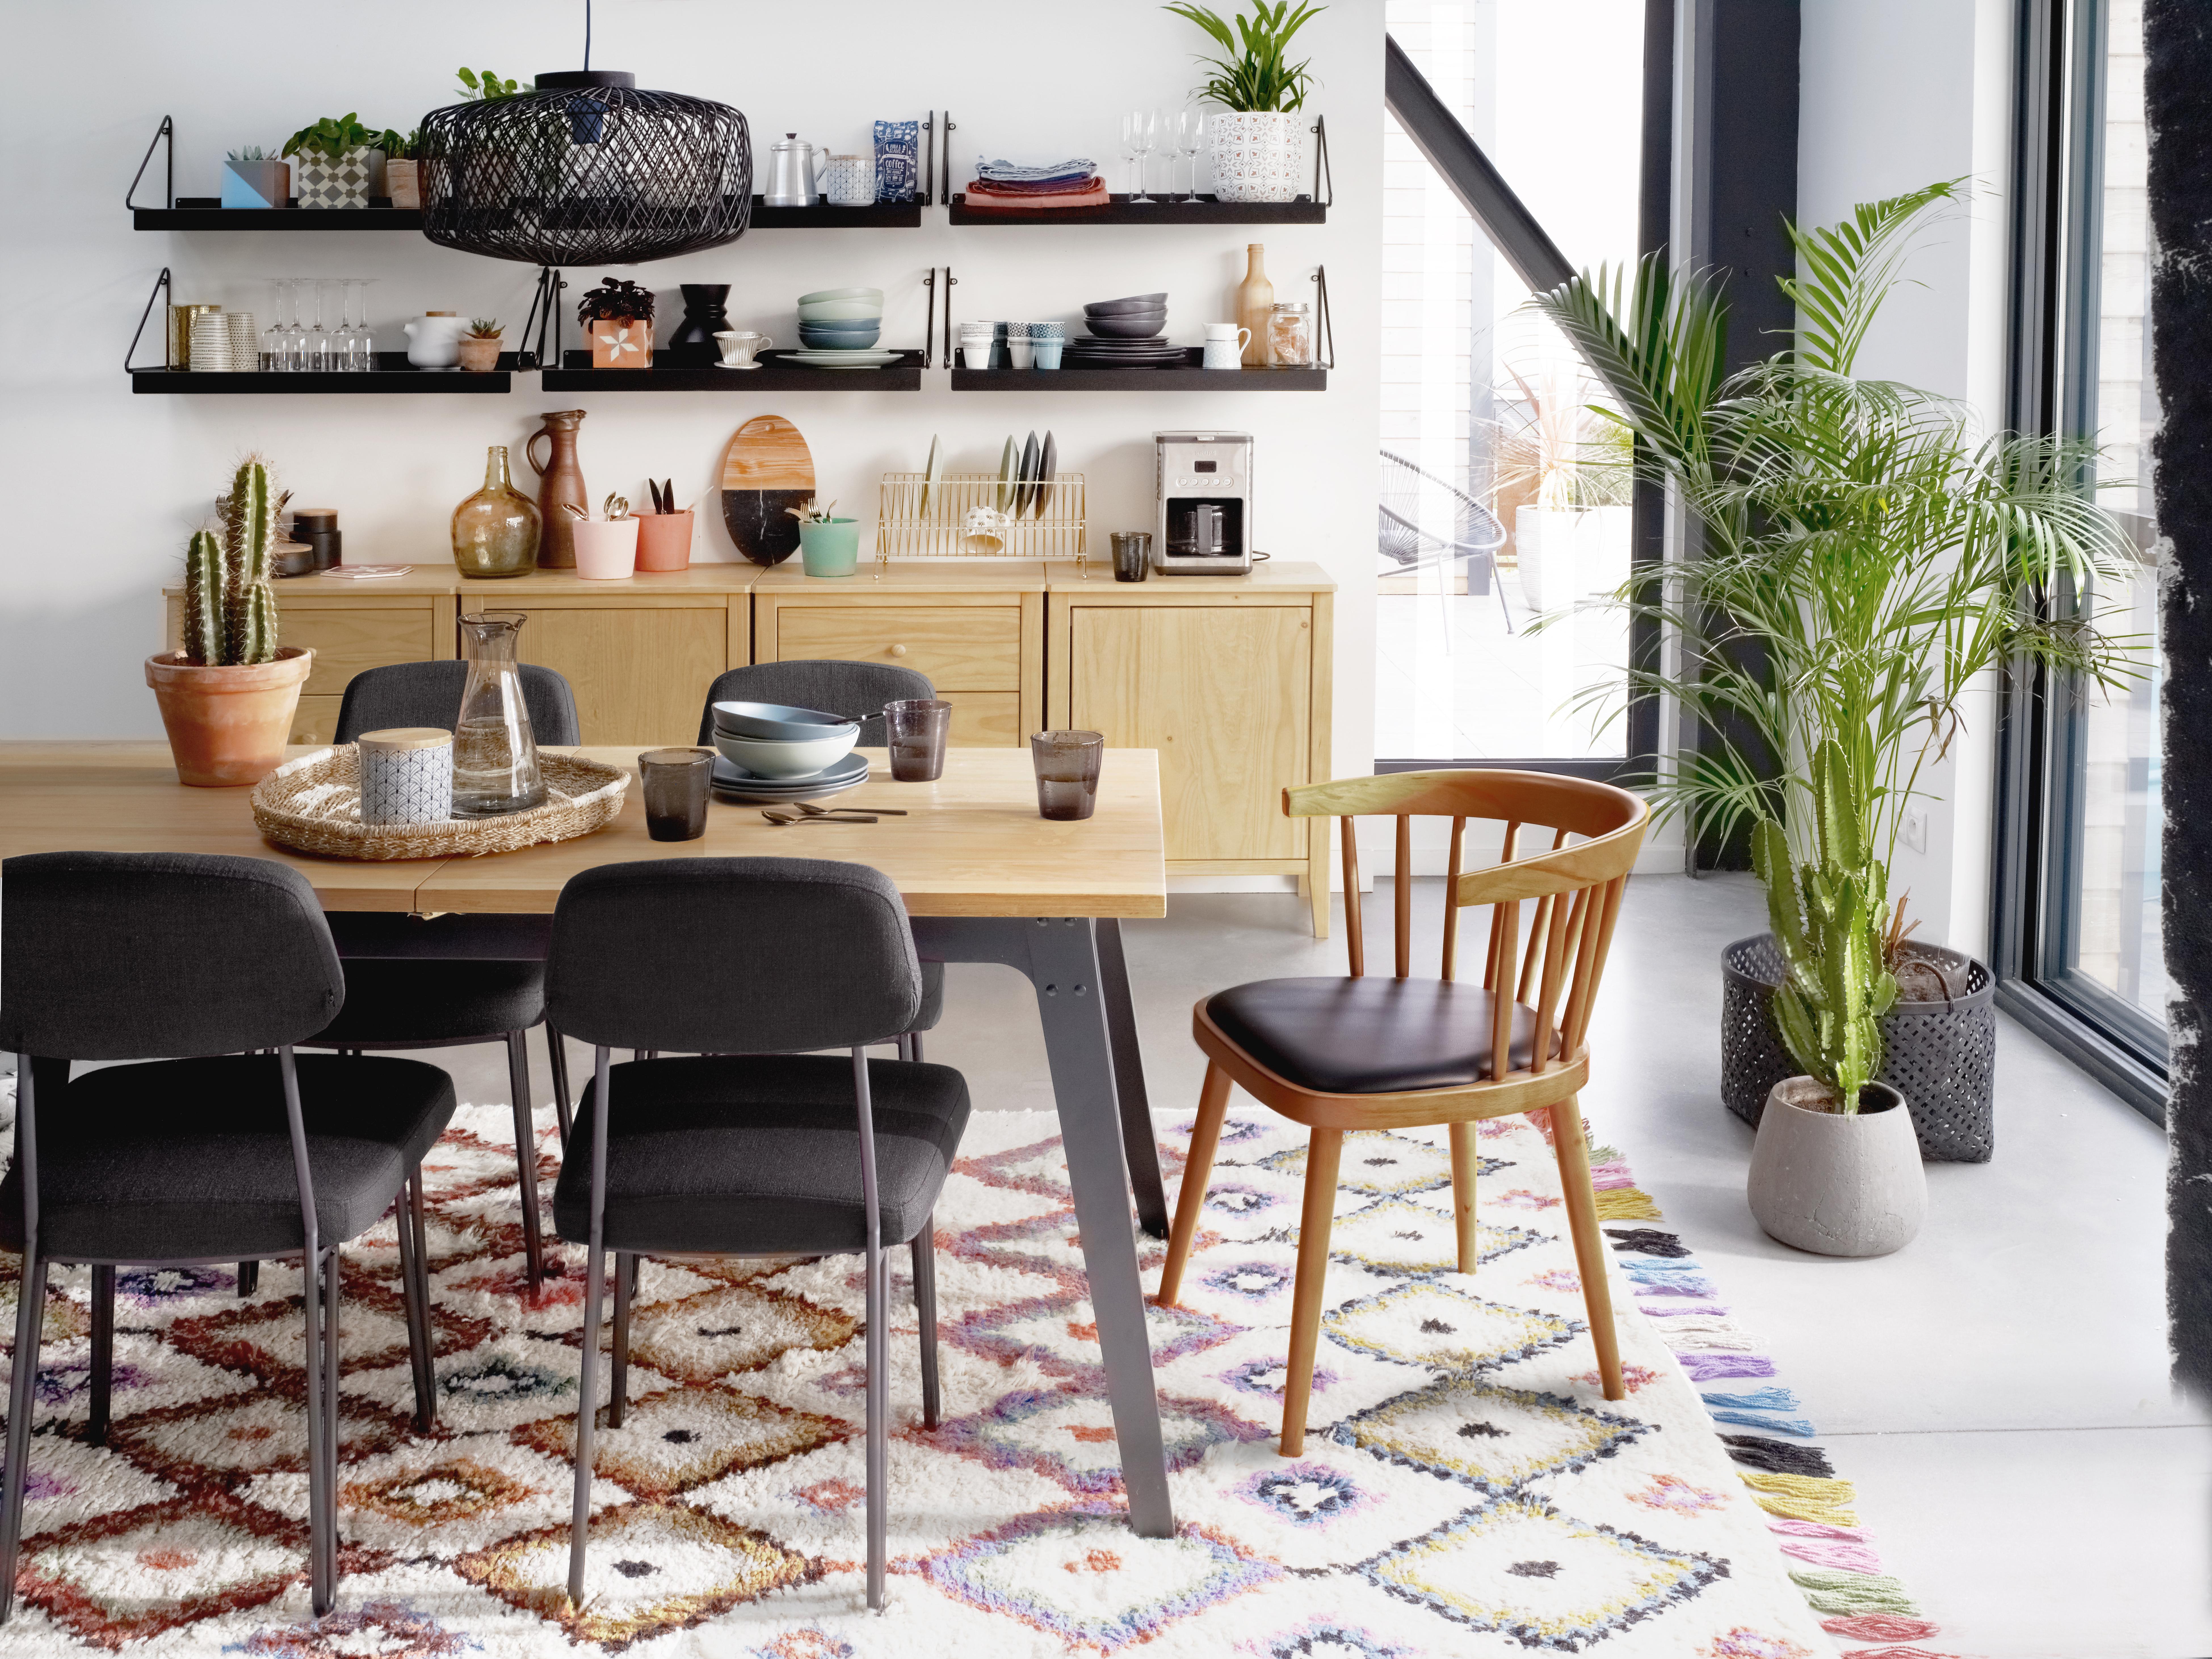 la nouvelle collection super canon vous pouvez ds prsent shopper une bonne partie des meubles et de la dco sur le shop de la redoute intrieurs - Meubles La Redoute Nouvelle Collection